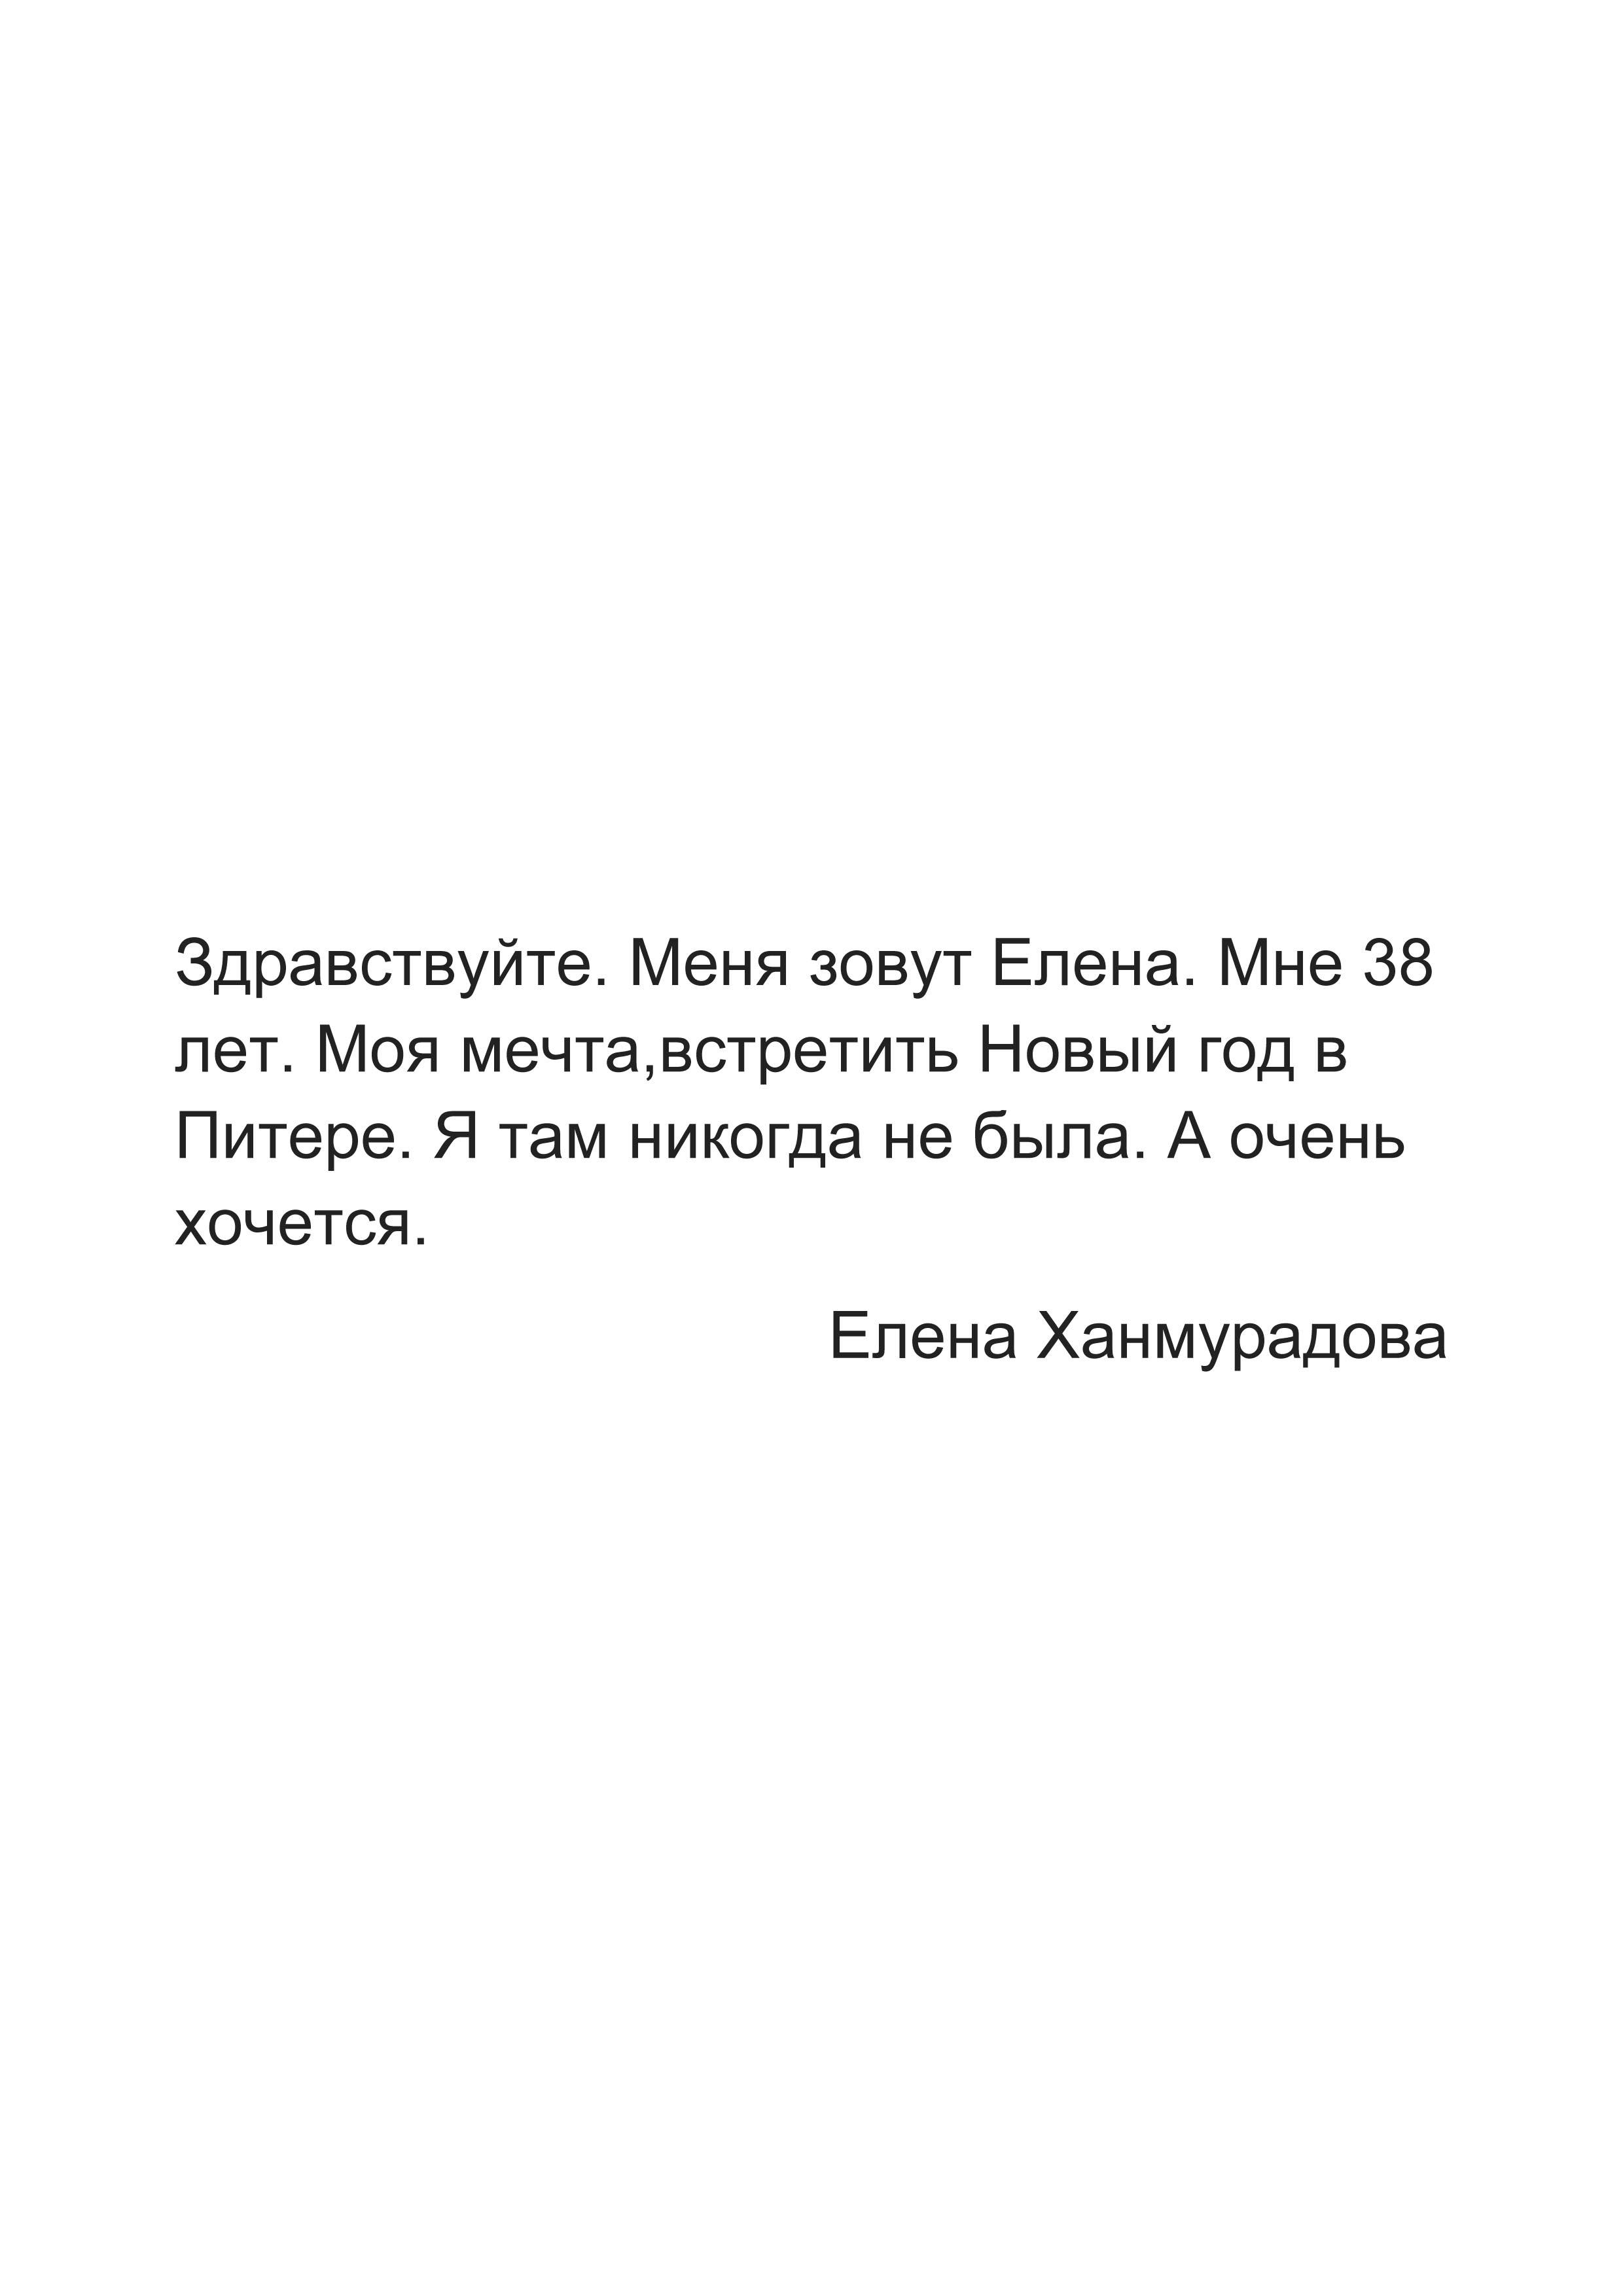 Елена Ханмурадова